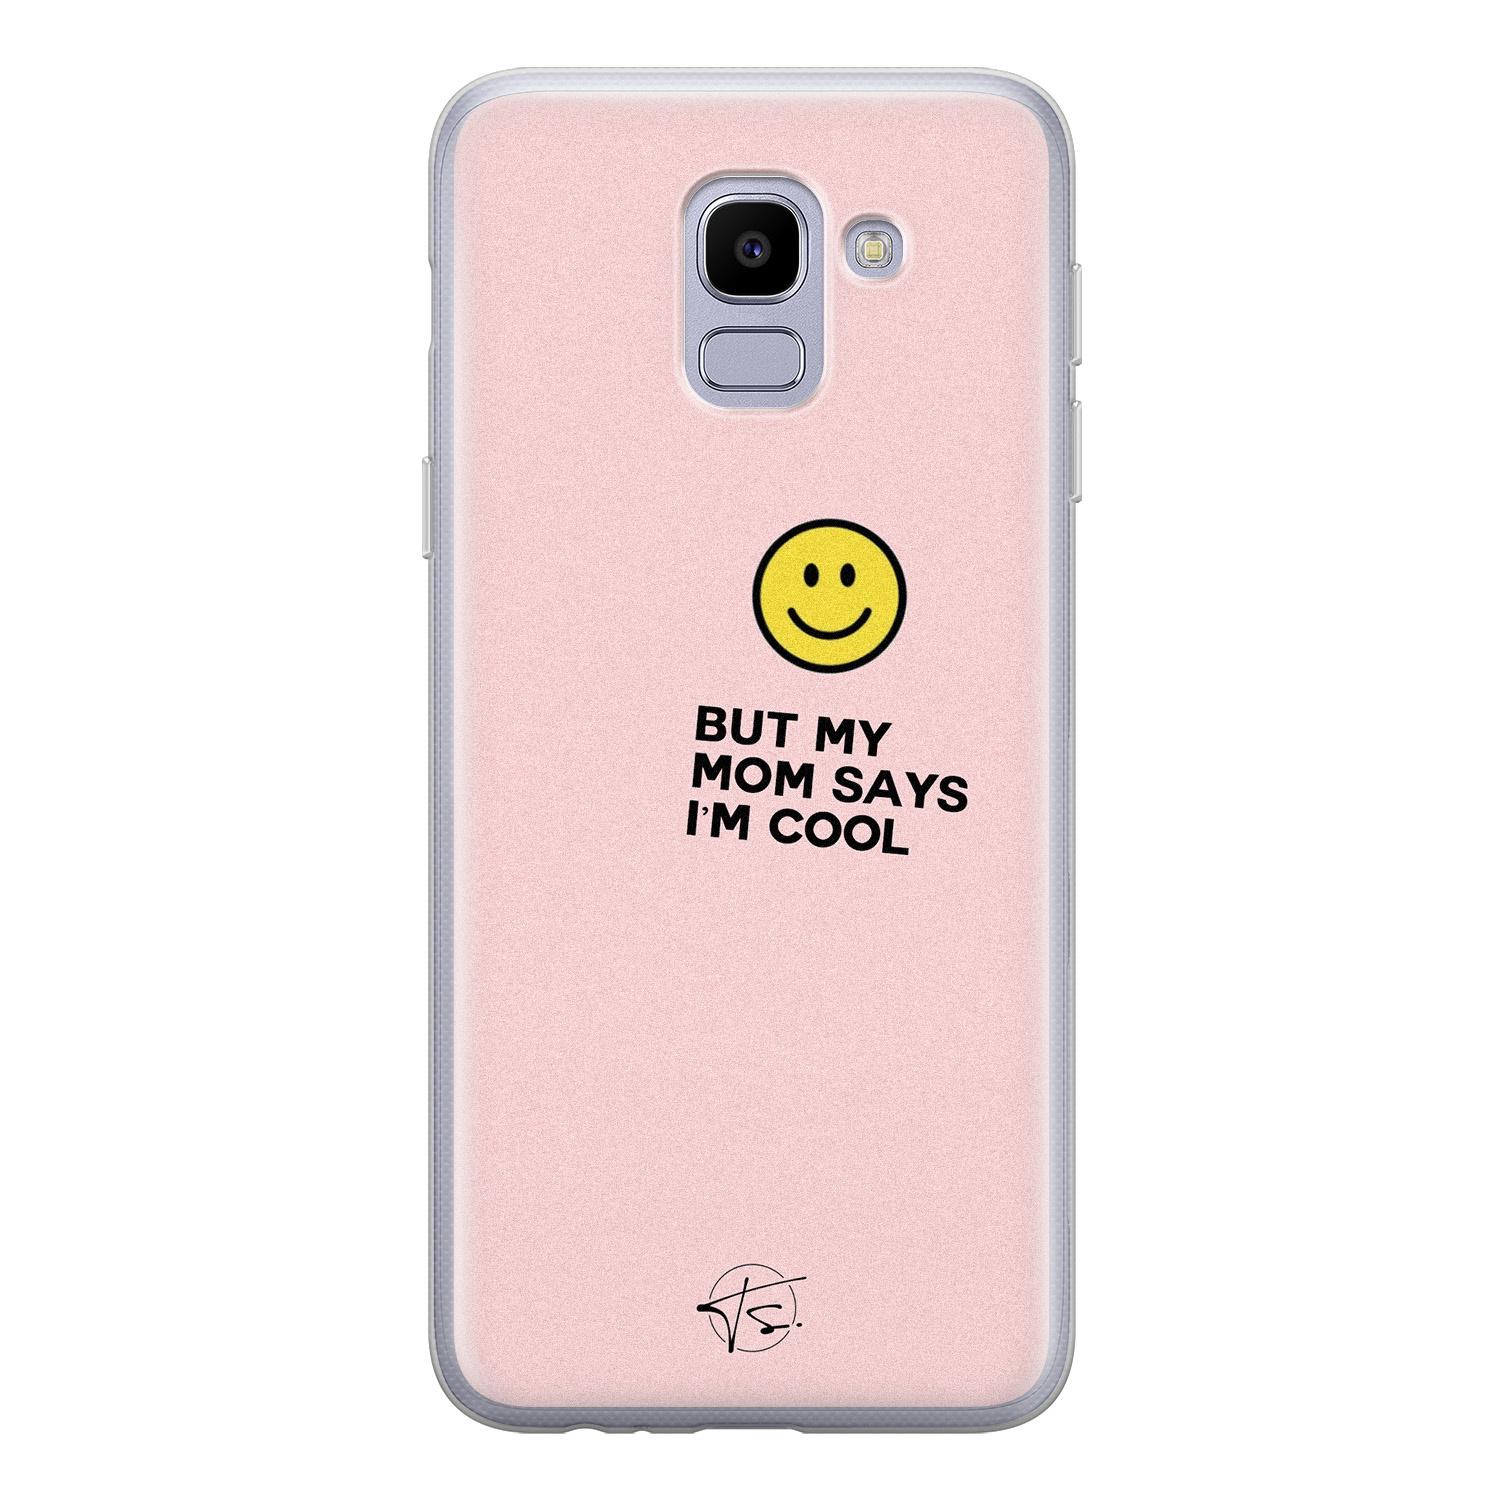 Telefoonhoesje Store Samsung Galaxy J6 2018 siliconen hoesje - I'm cool